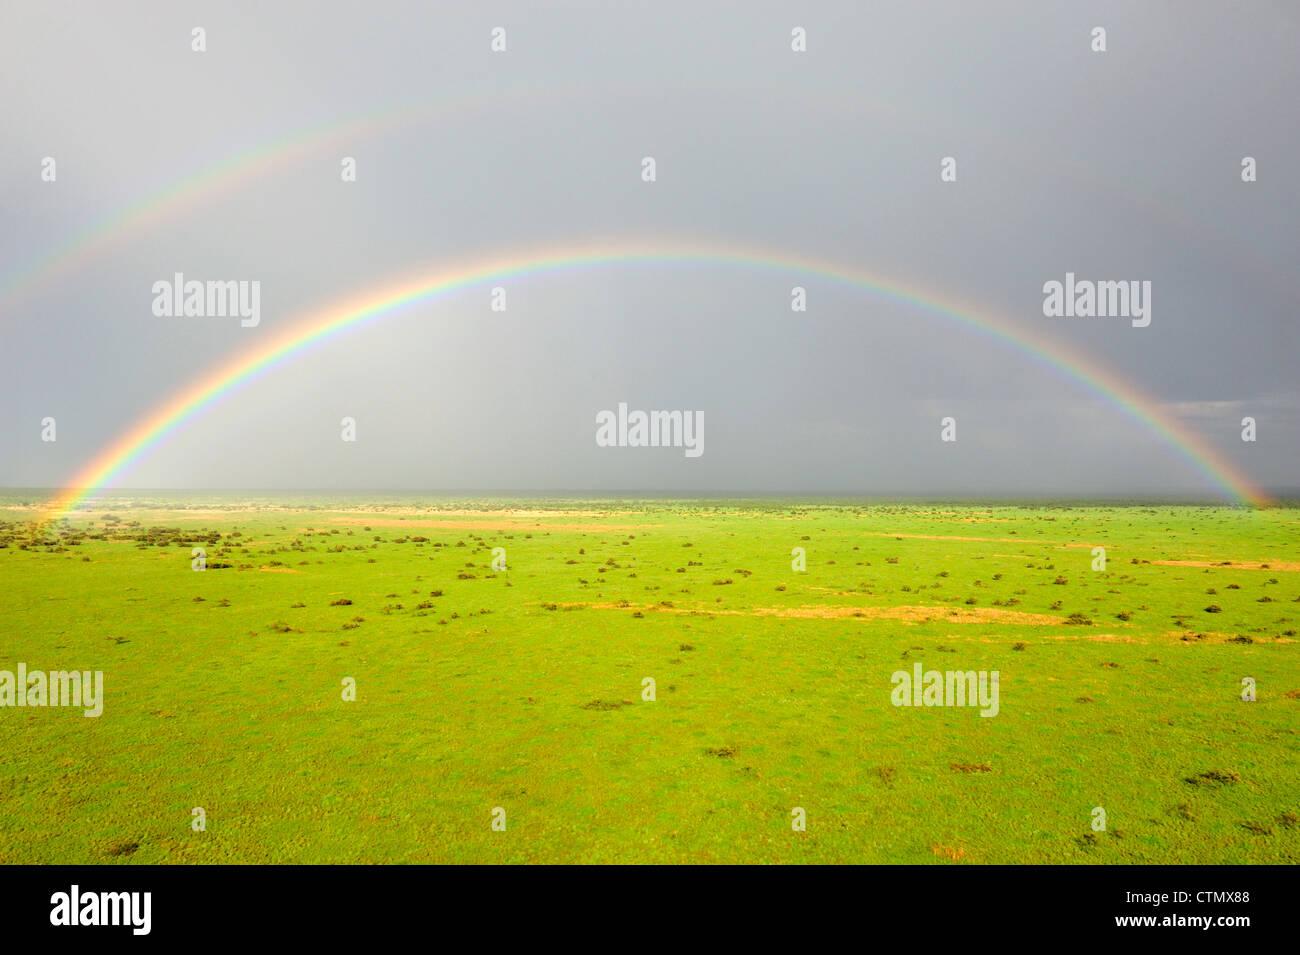 Arco iris sobre la sabana, Jonglei, República de Sudán del Sur Foto de stock